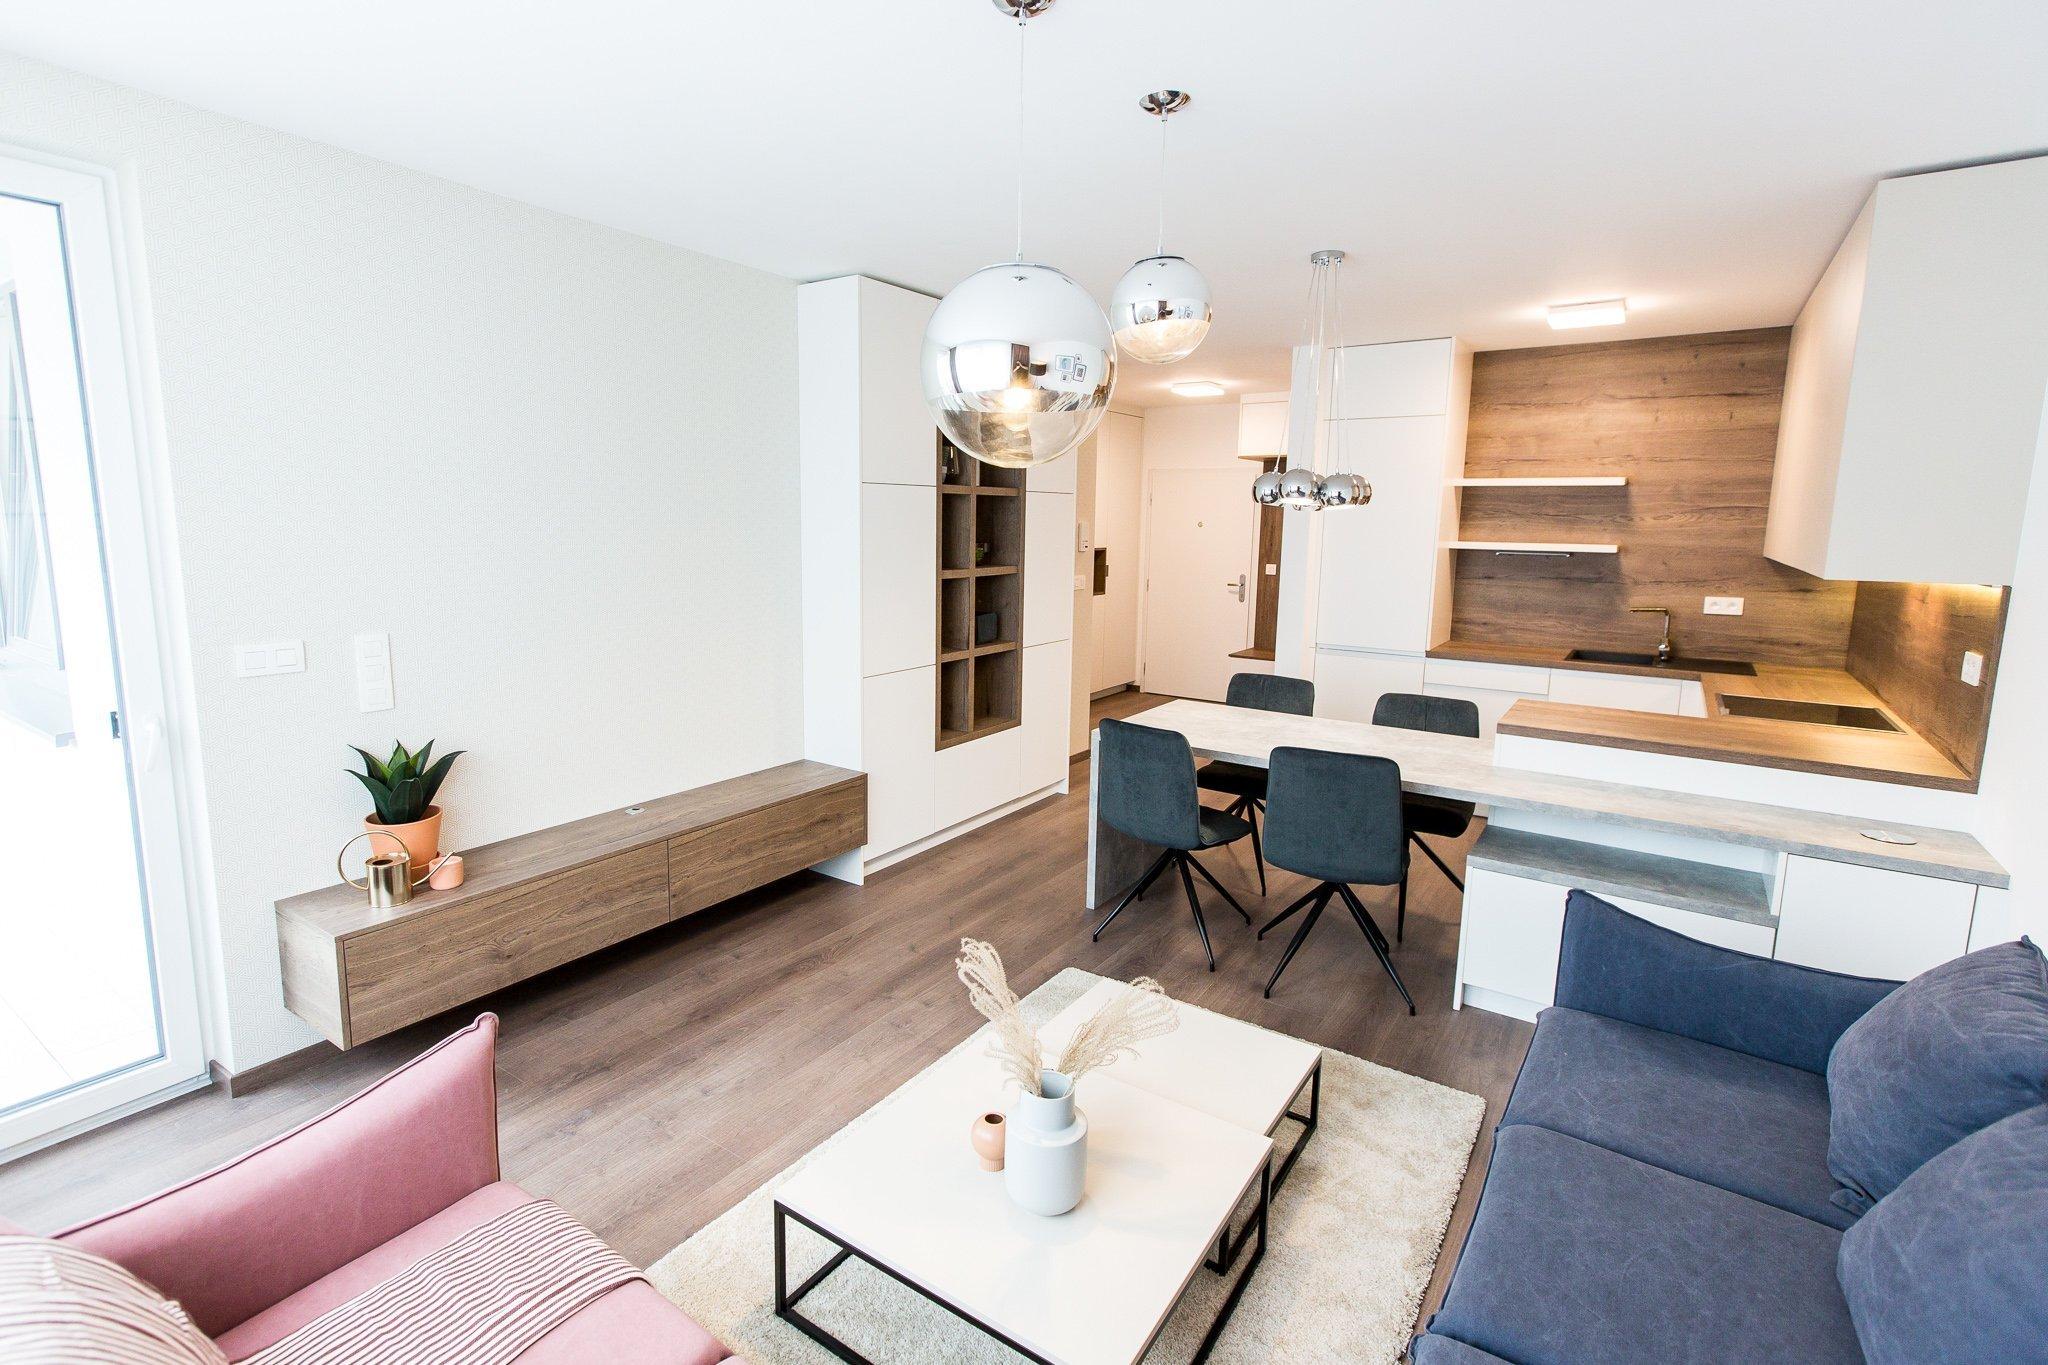 Realizácia 3i. bytu v projekte Malé Krasňany.   Byt je navrhnutý v príjemných zemitých farbách, navodzuje hotelový štýl.  Kuchynská linka priamo…